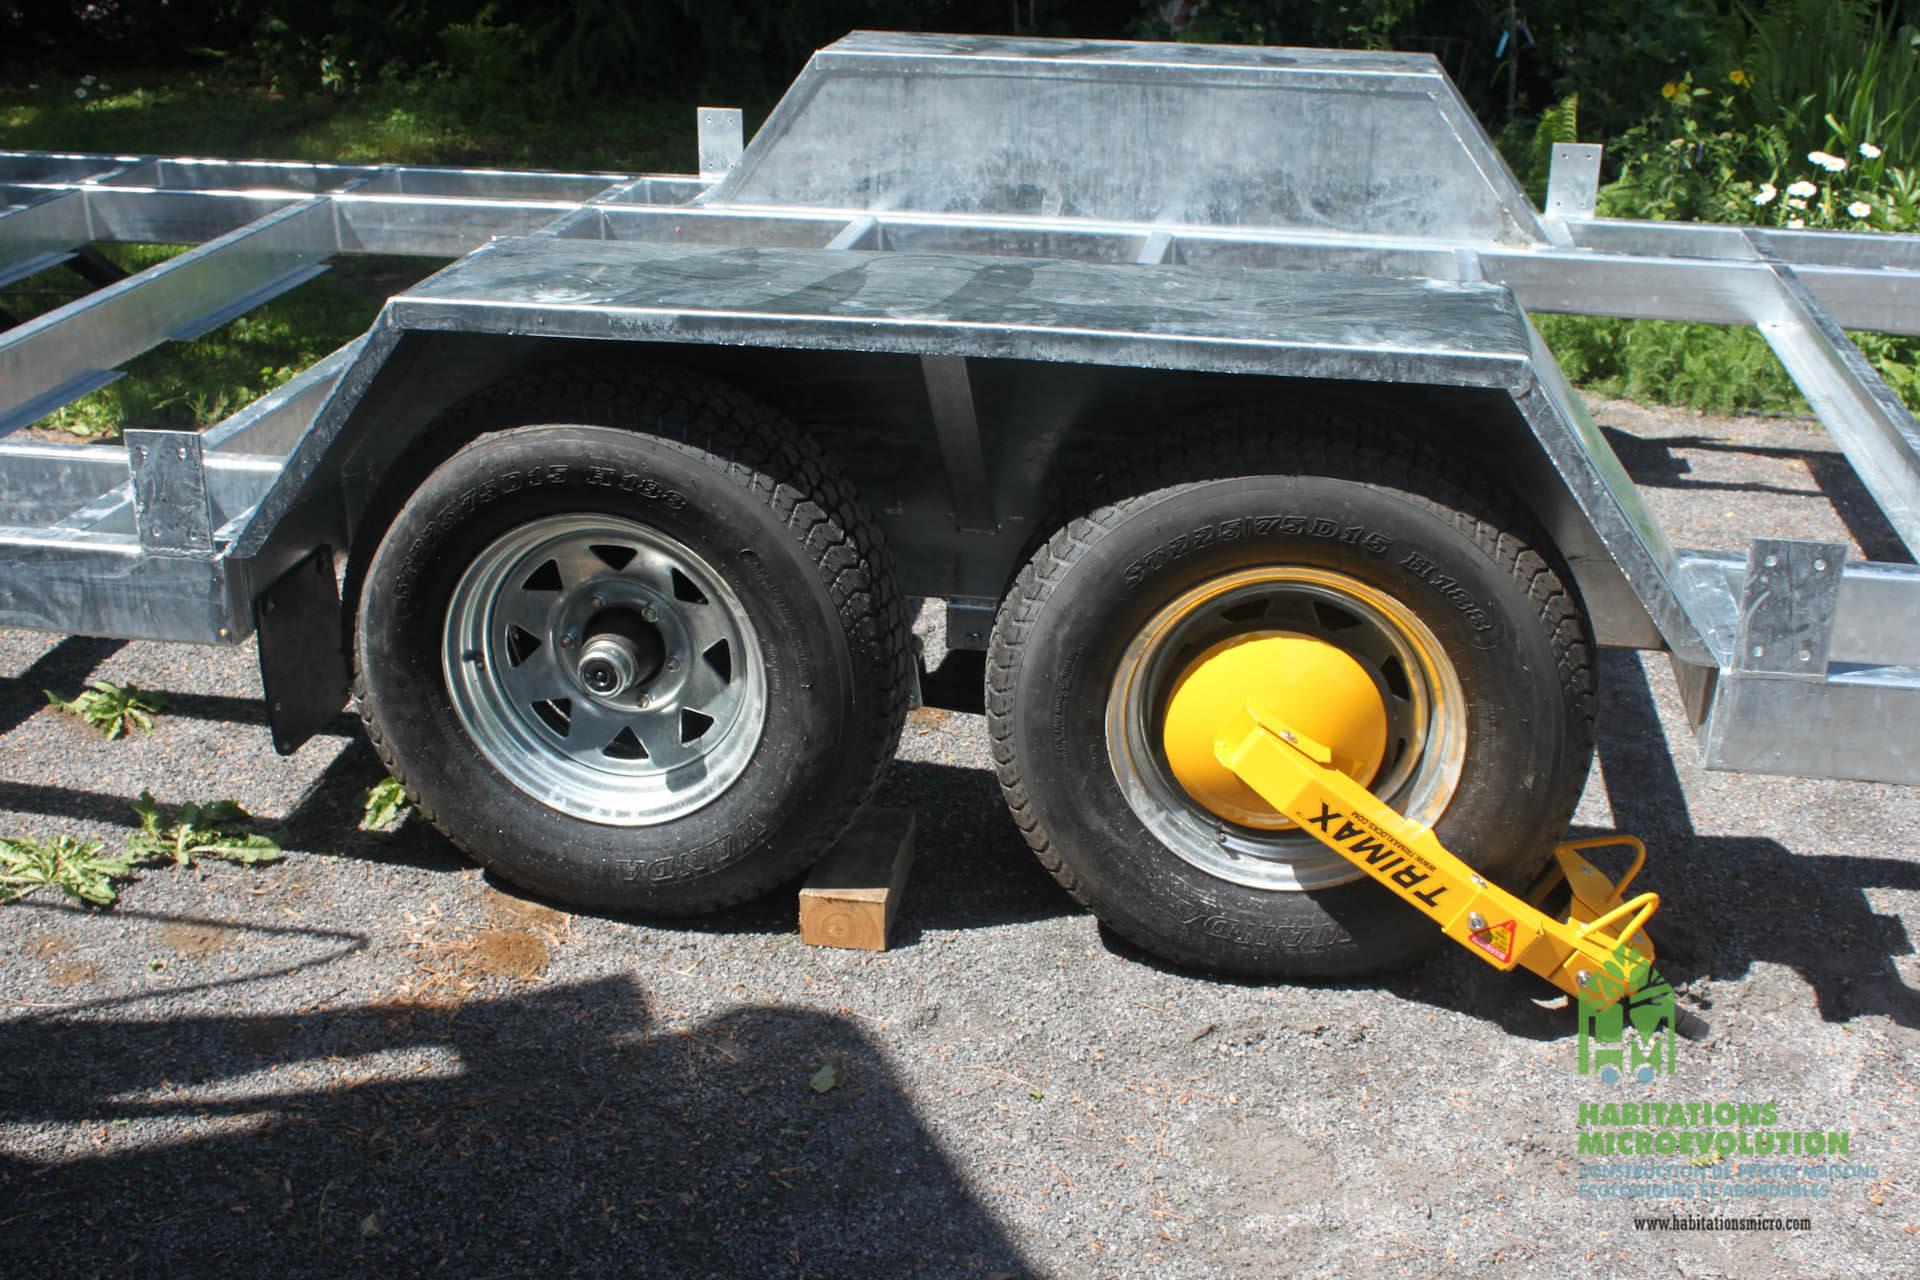 Achat Remorque Tiny House tiny house trailer (galvanized steel)